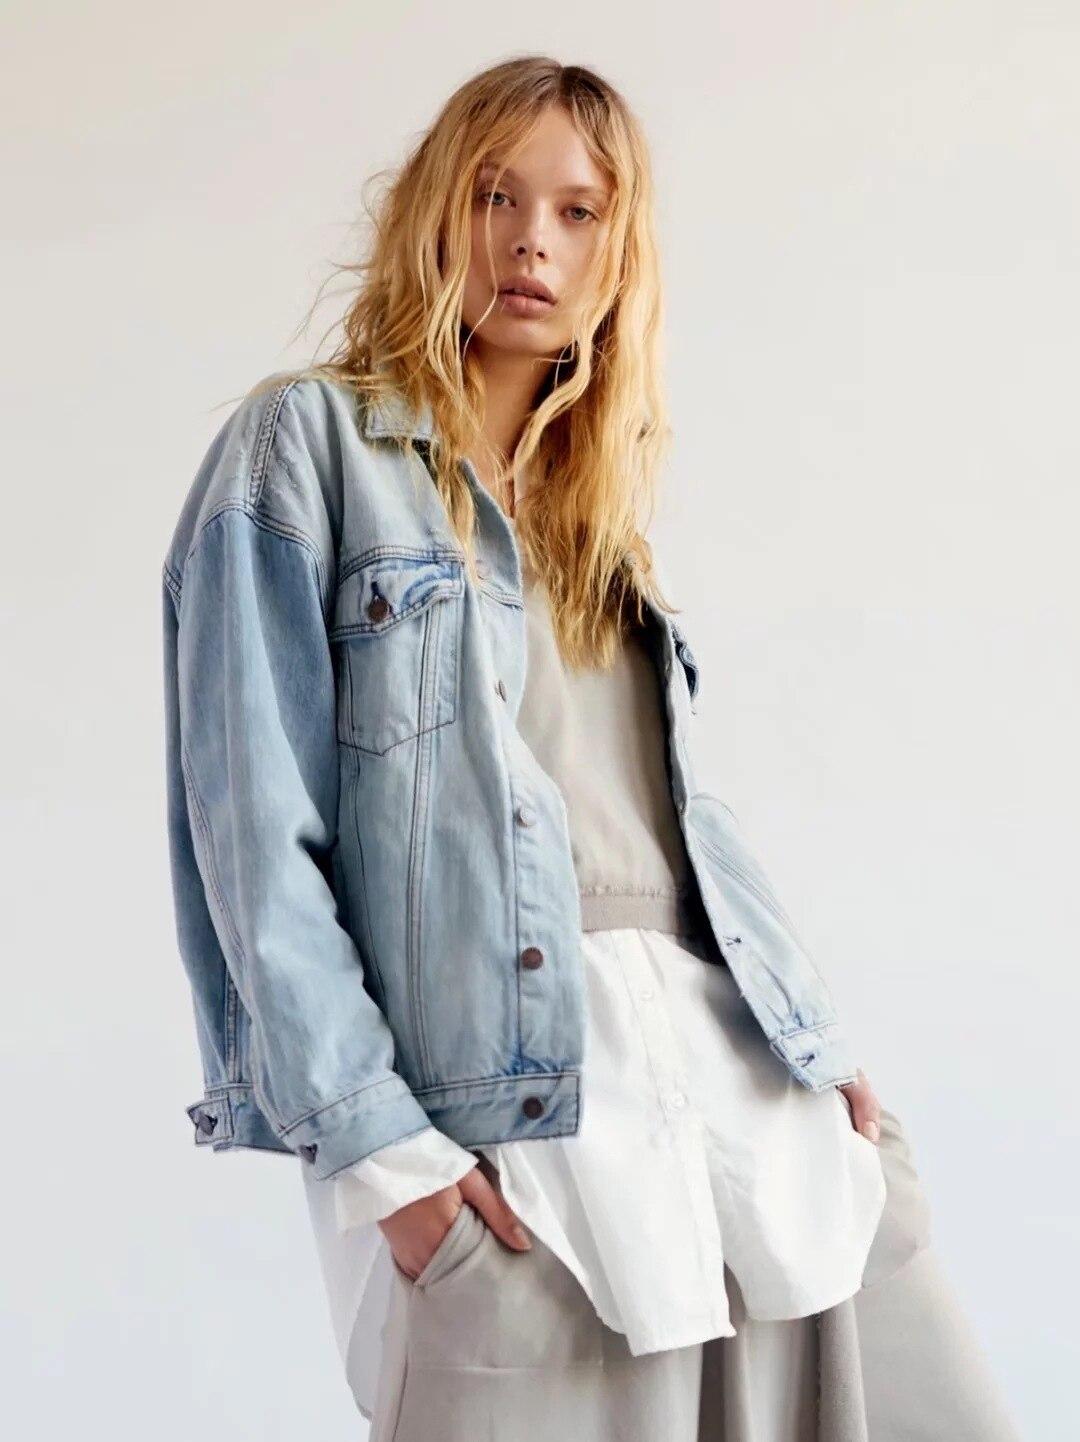 Bleu Effiloché Boho Denim Automne Lavé Mode Trou Manteaux De Nouvelles Vestes Vêtements 2018 Rue Lâche Cru Femmes cyWOayq7